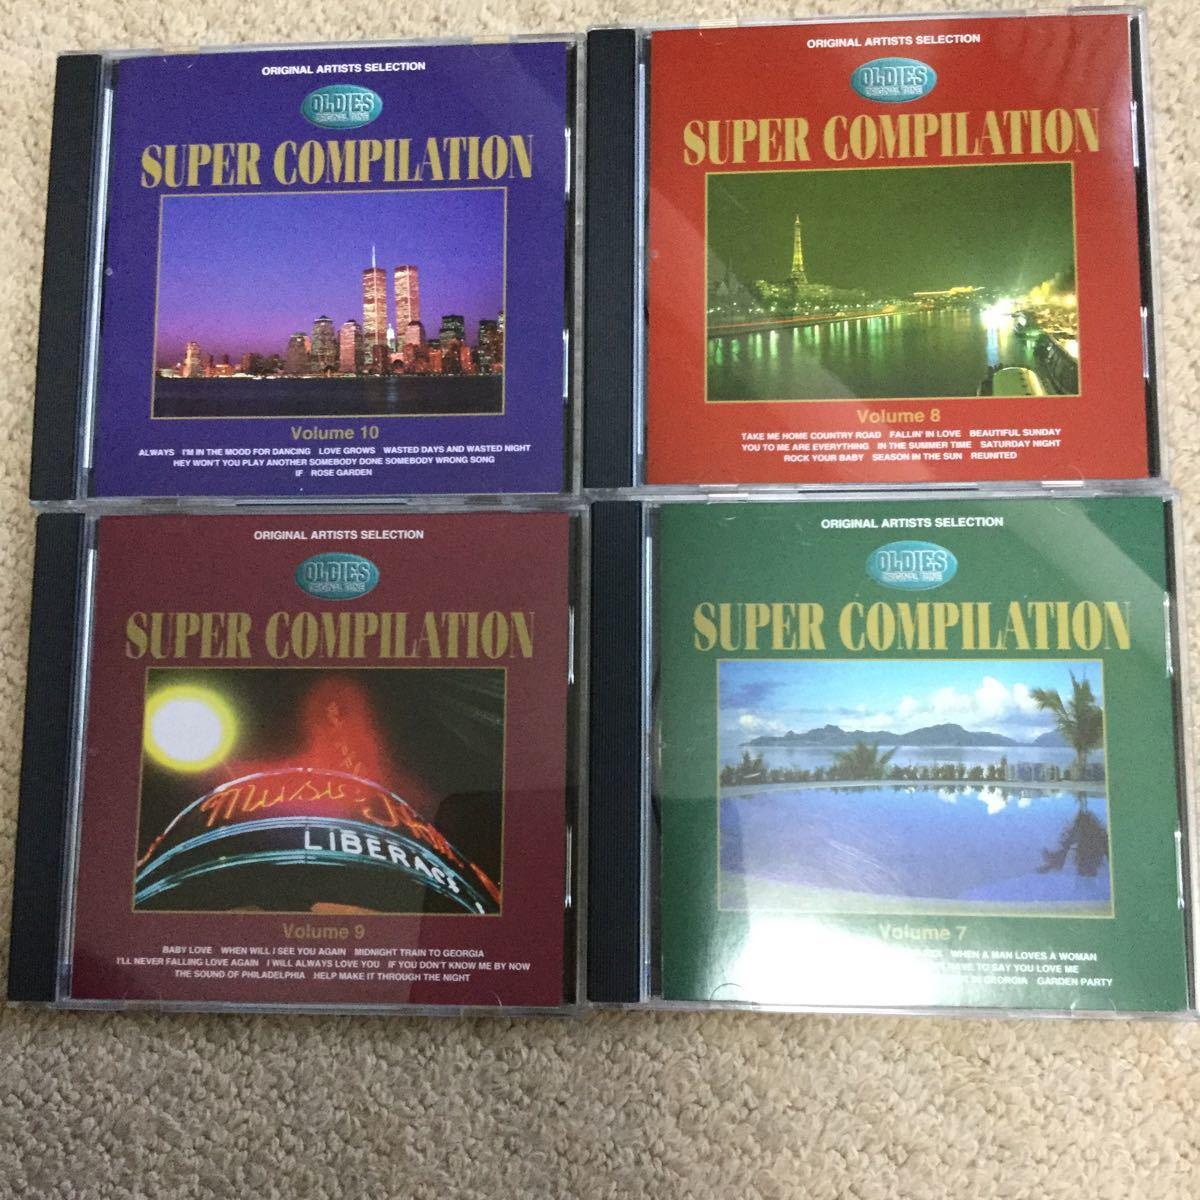 super compilation oldles CD 10枚セット_画像6